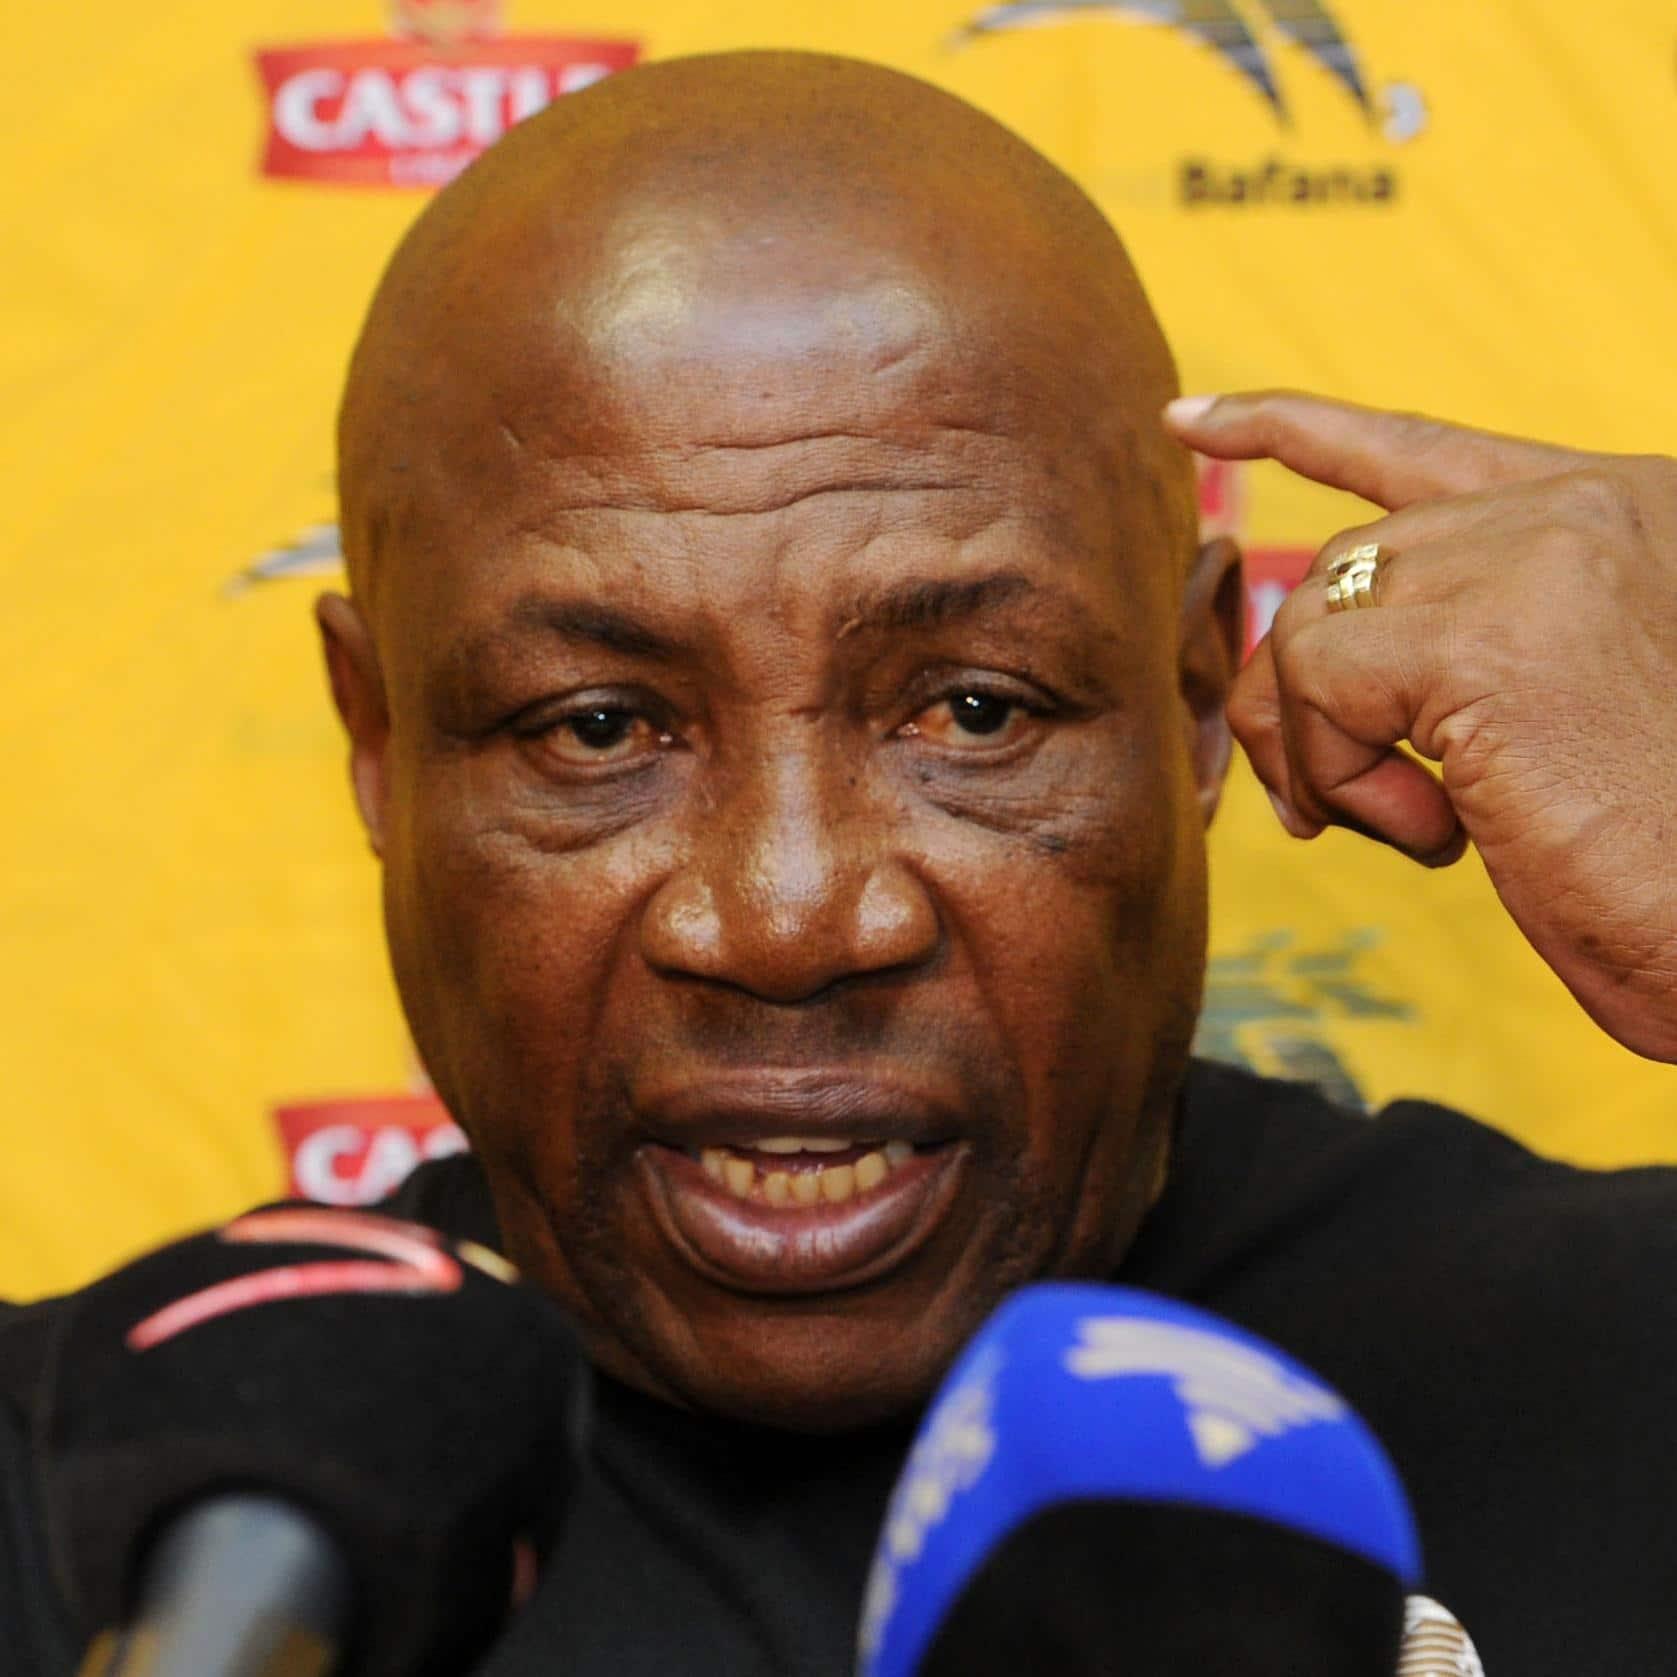 Bafana Bafana coach Shakes Mashaba feeling crucified